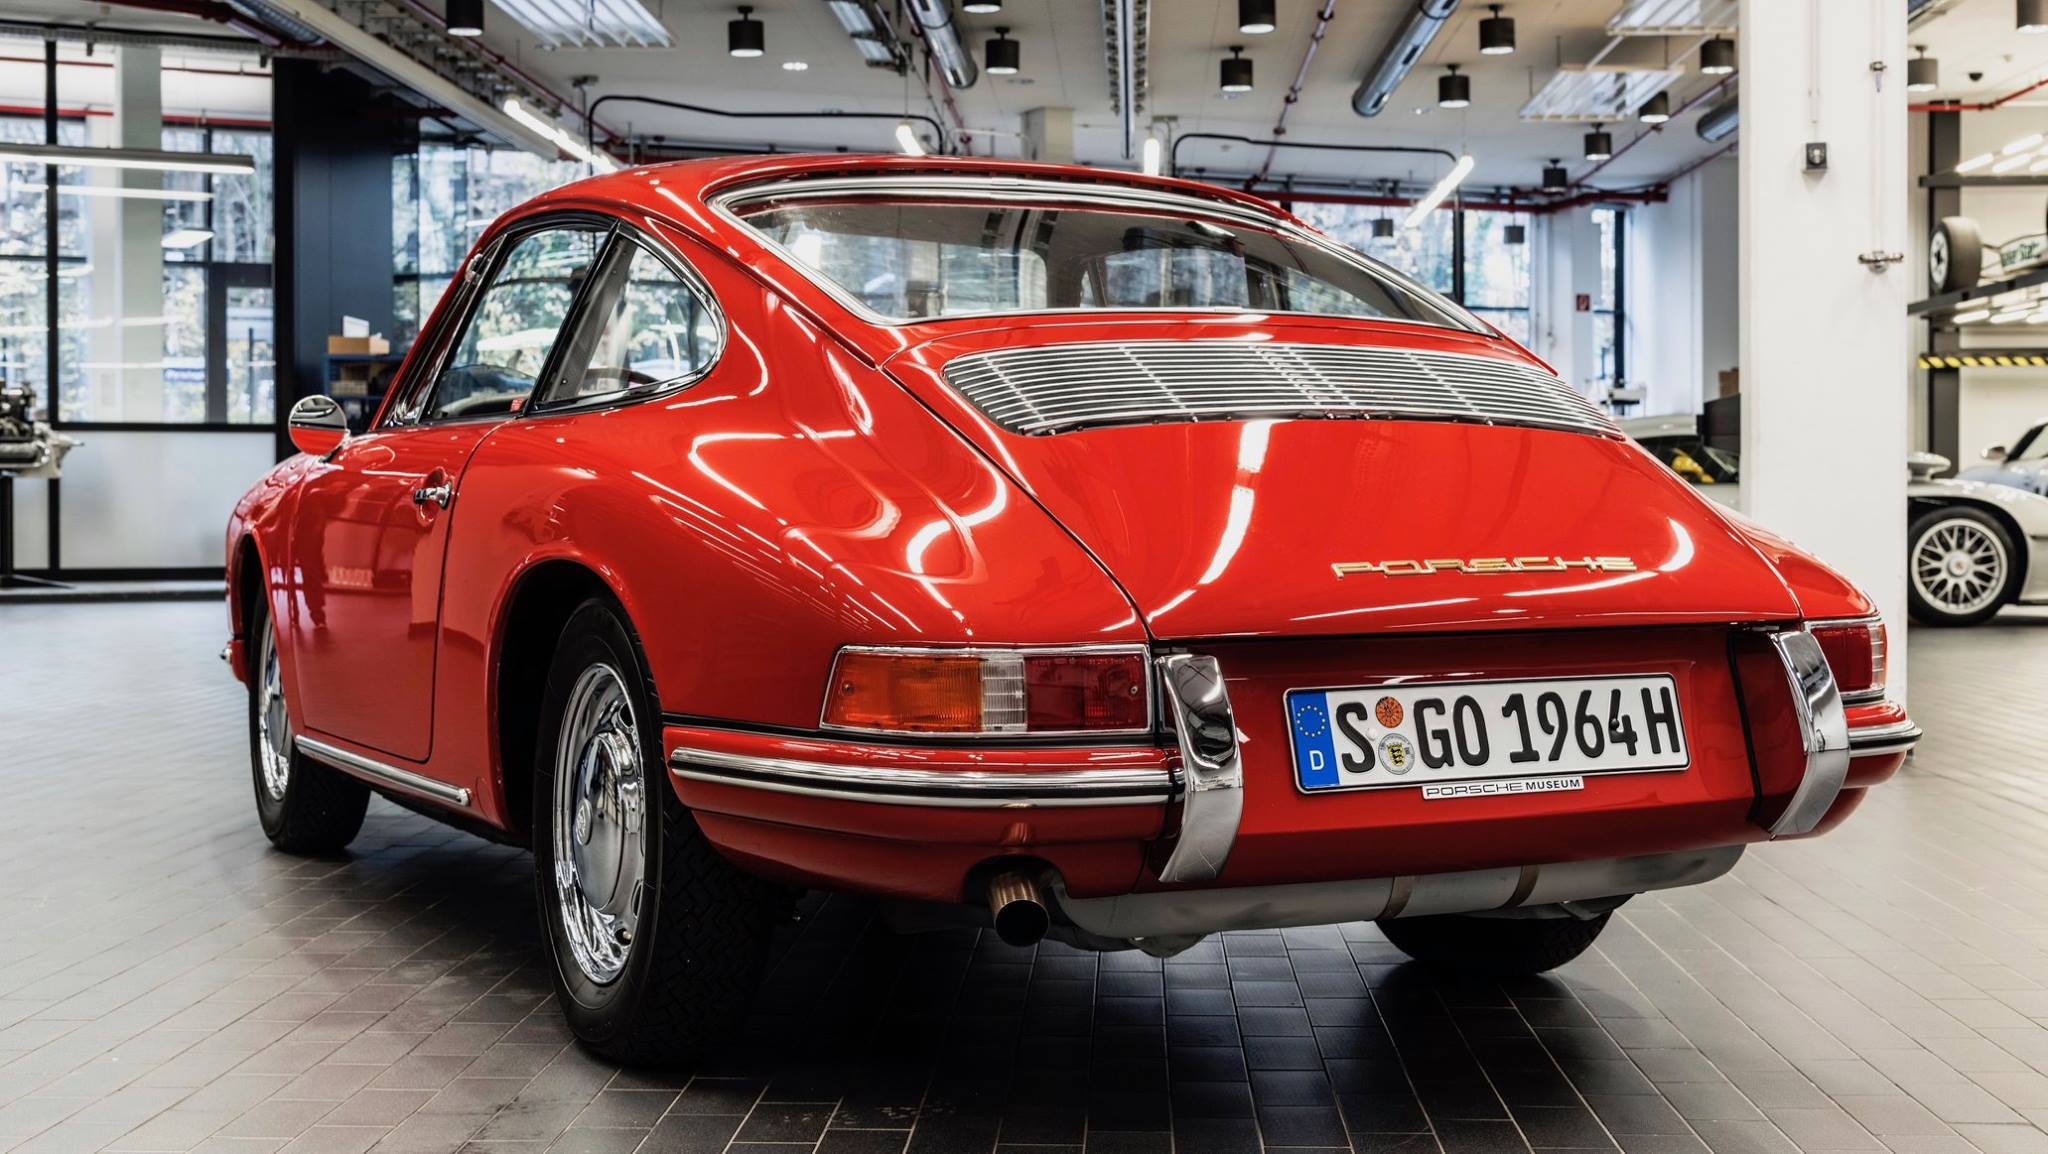 Porsche 901 911 restoration porsche museum (12)